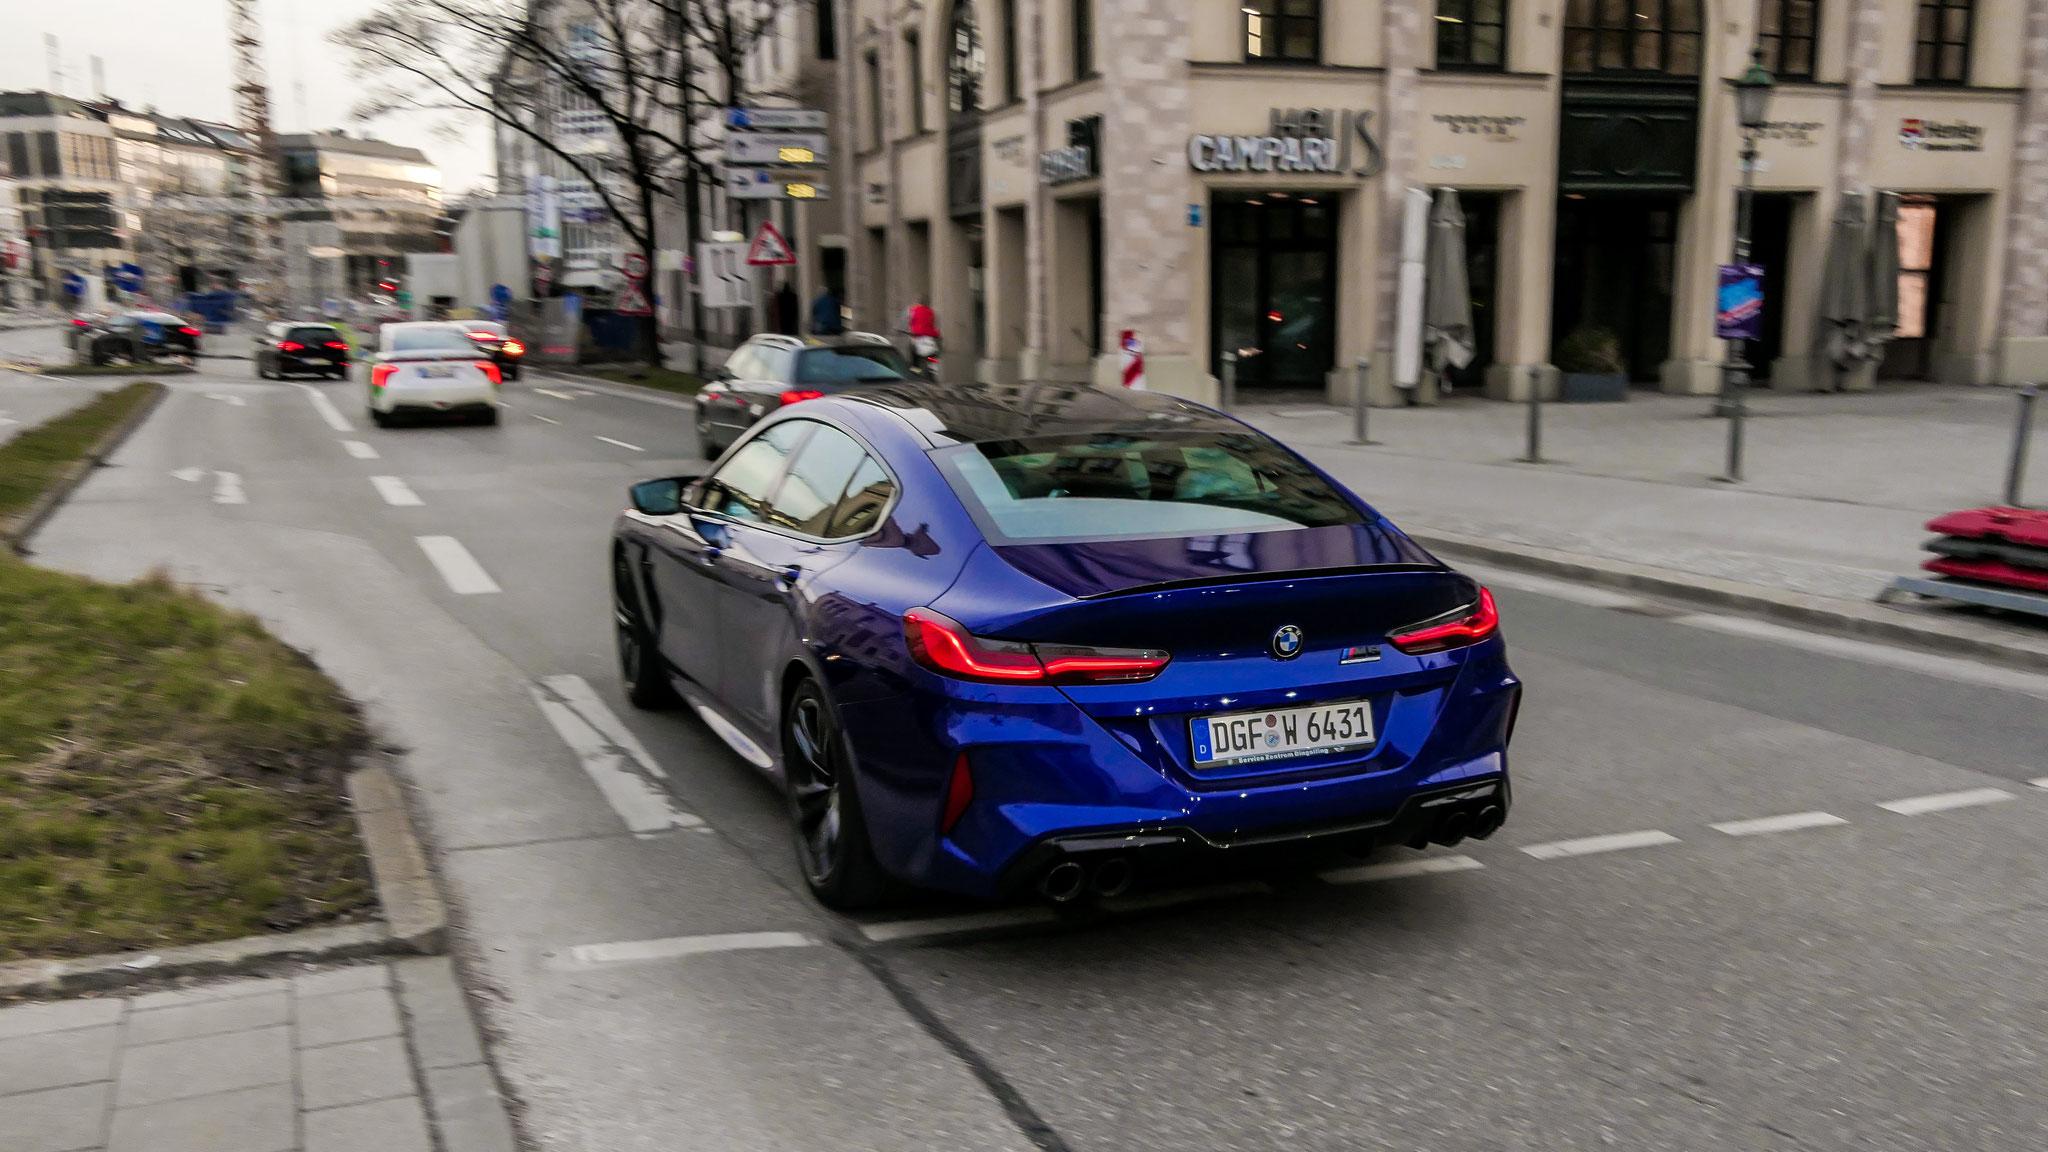 BMW M8 Competition Gran Coupé - DGF-W-6431